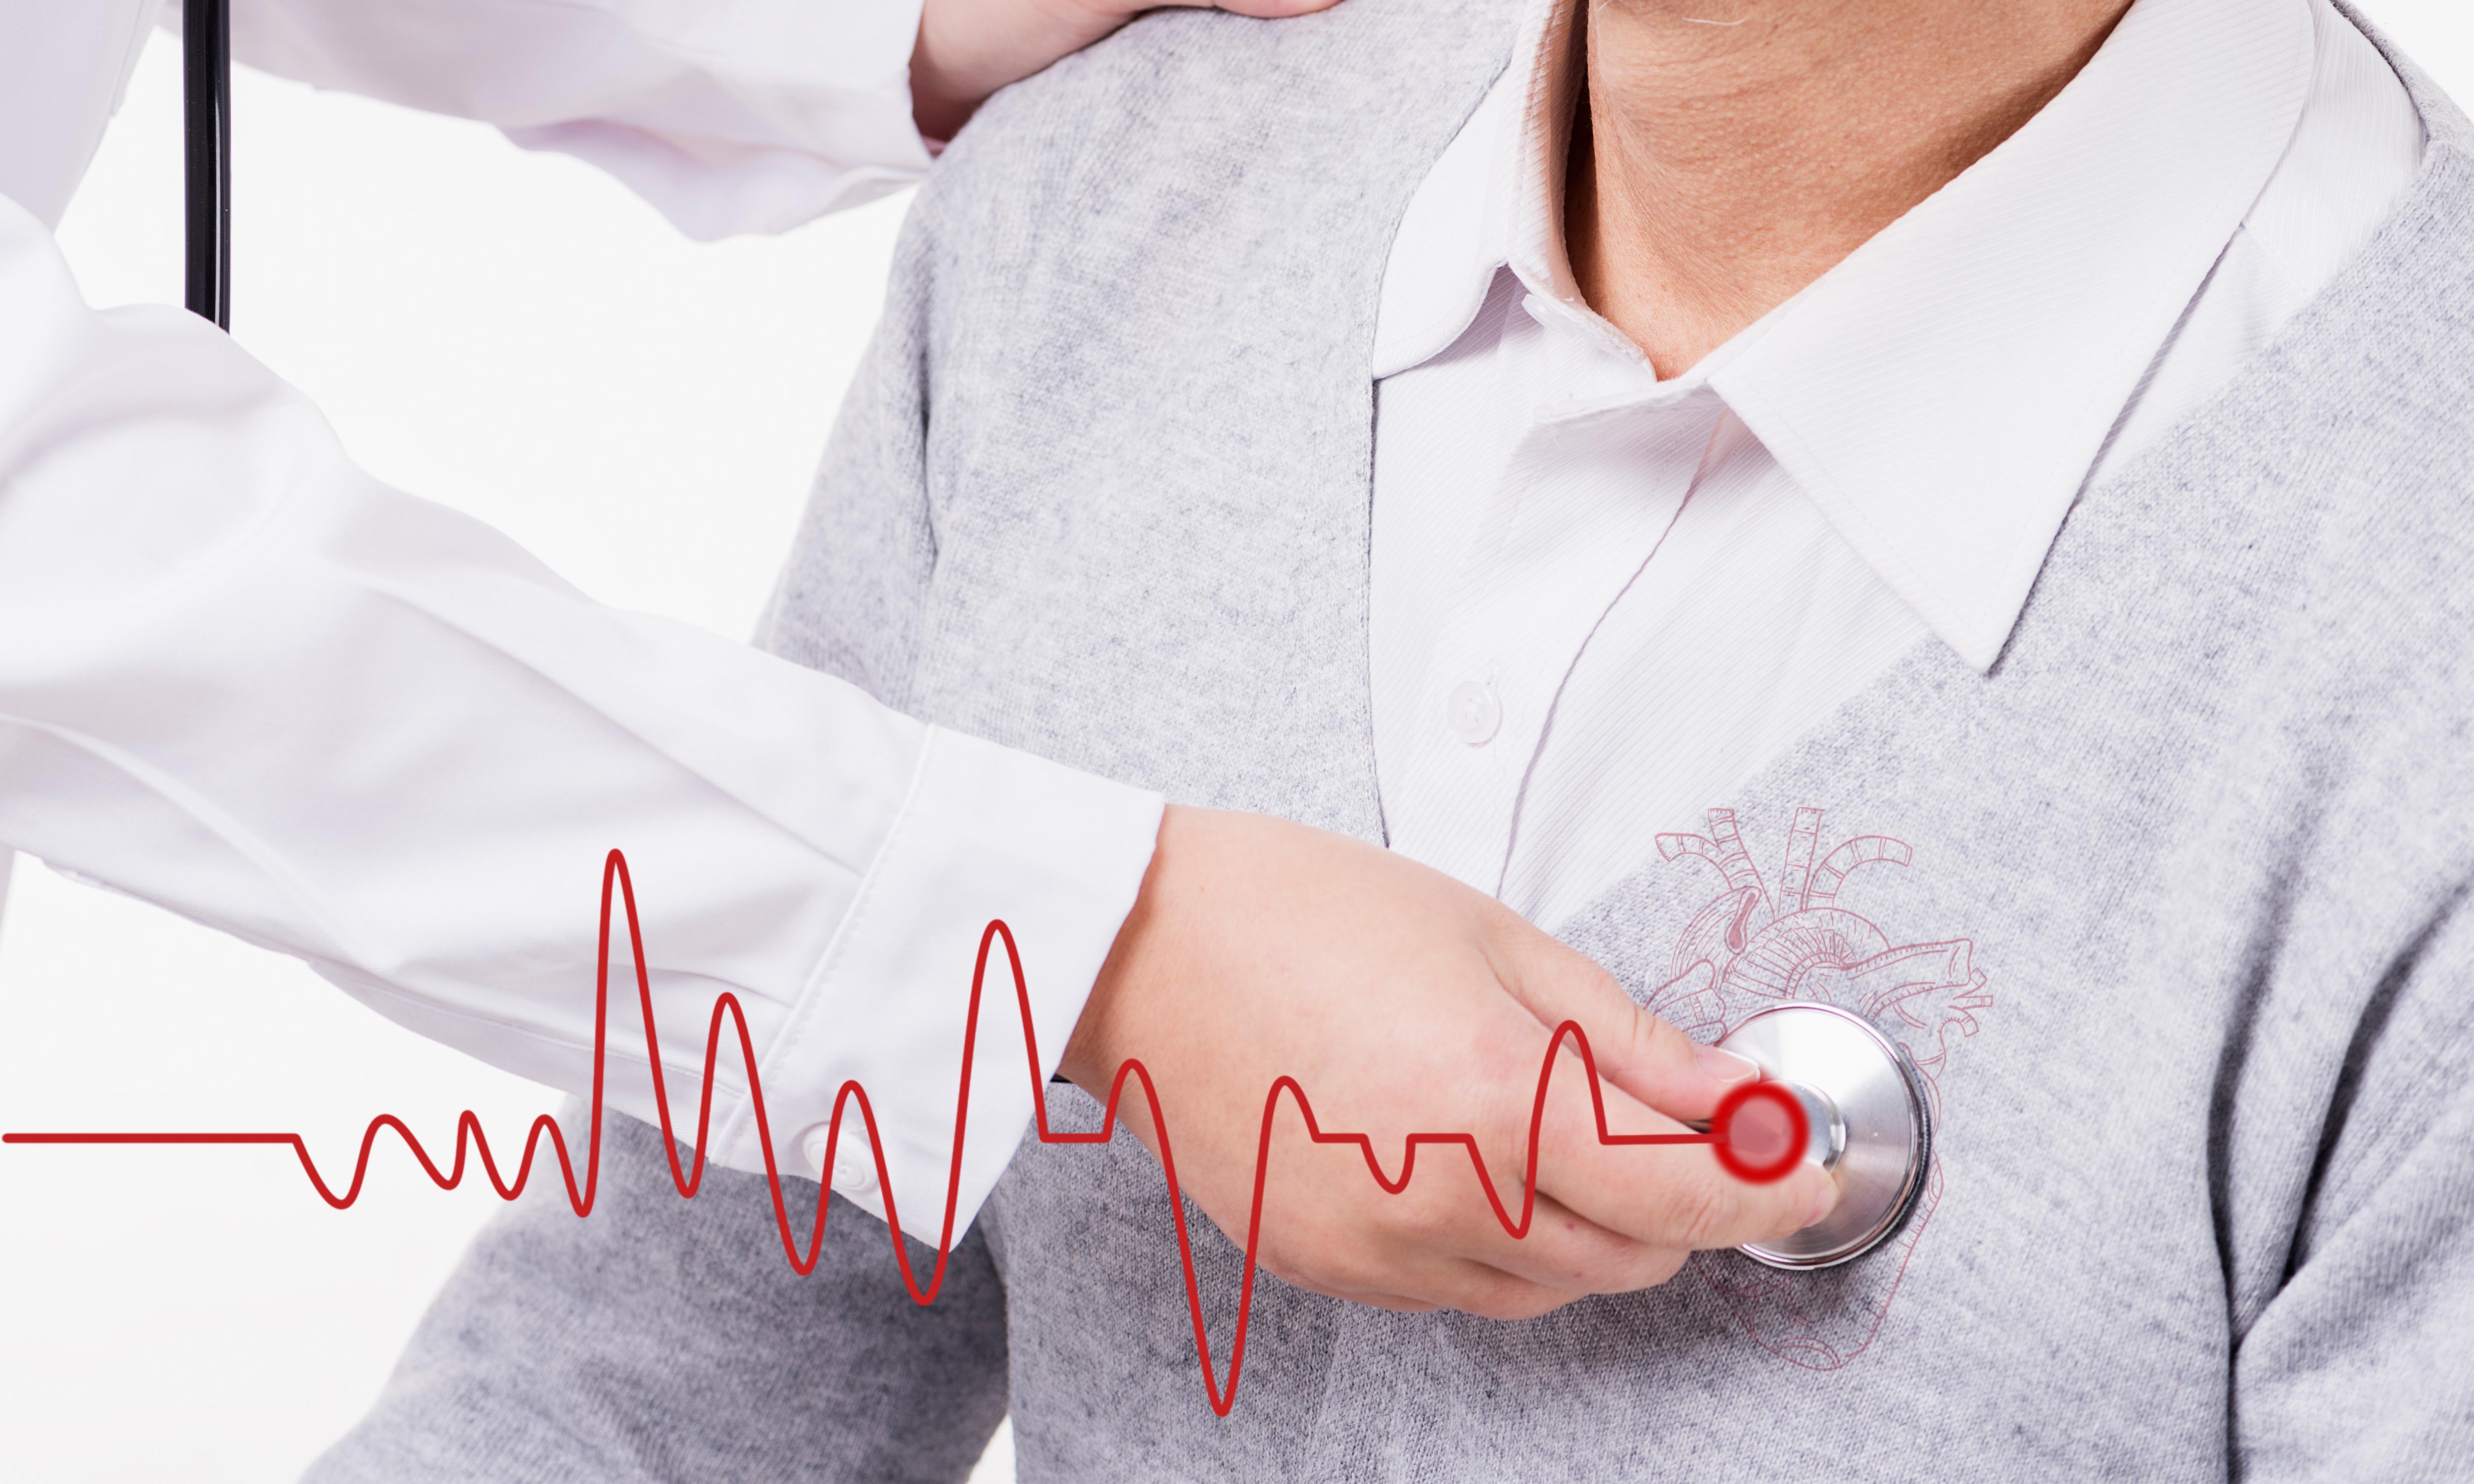 如何进行医疗事故预防,医疗事故预防的建议有哪些